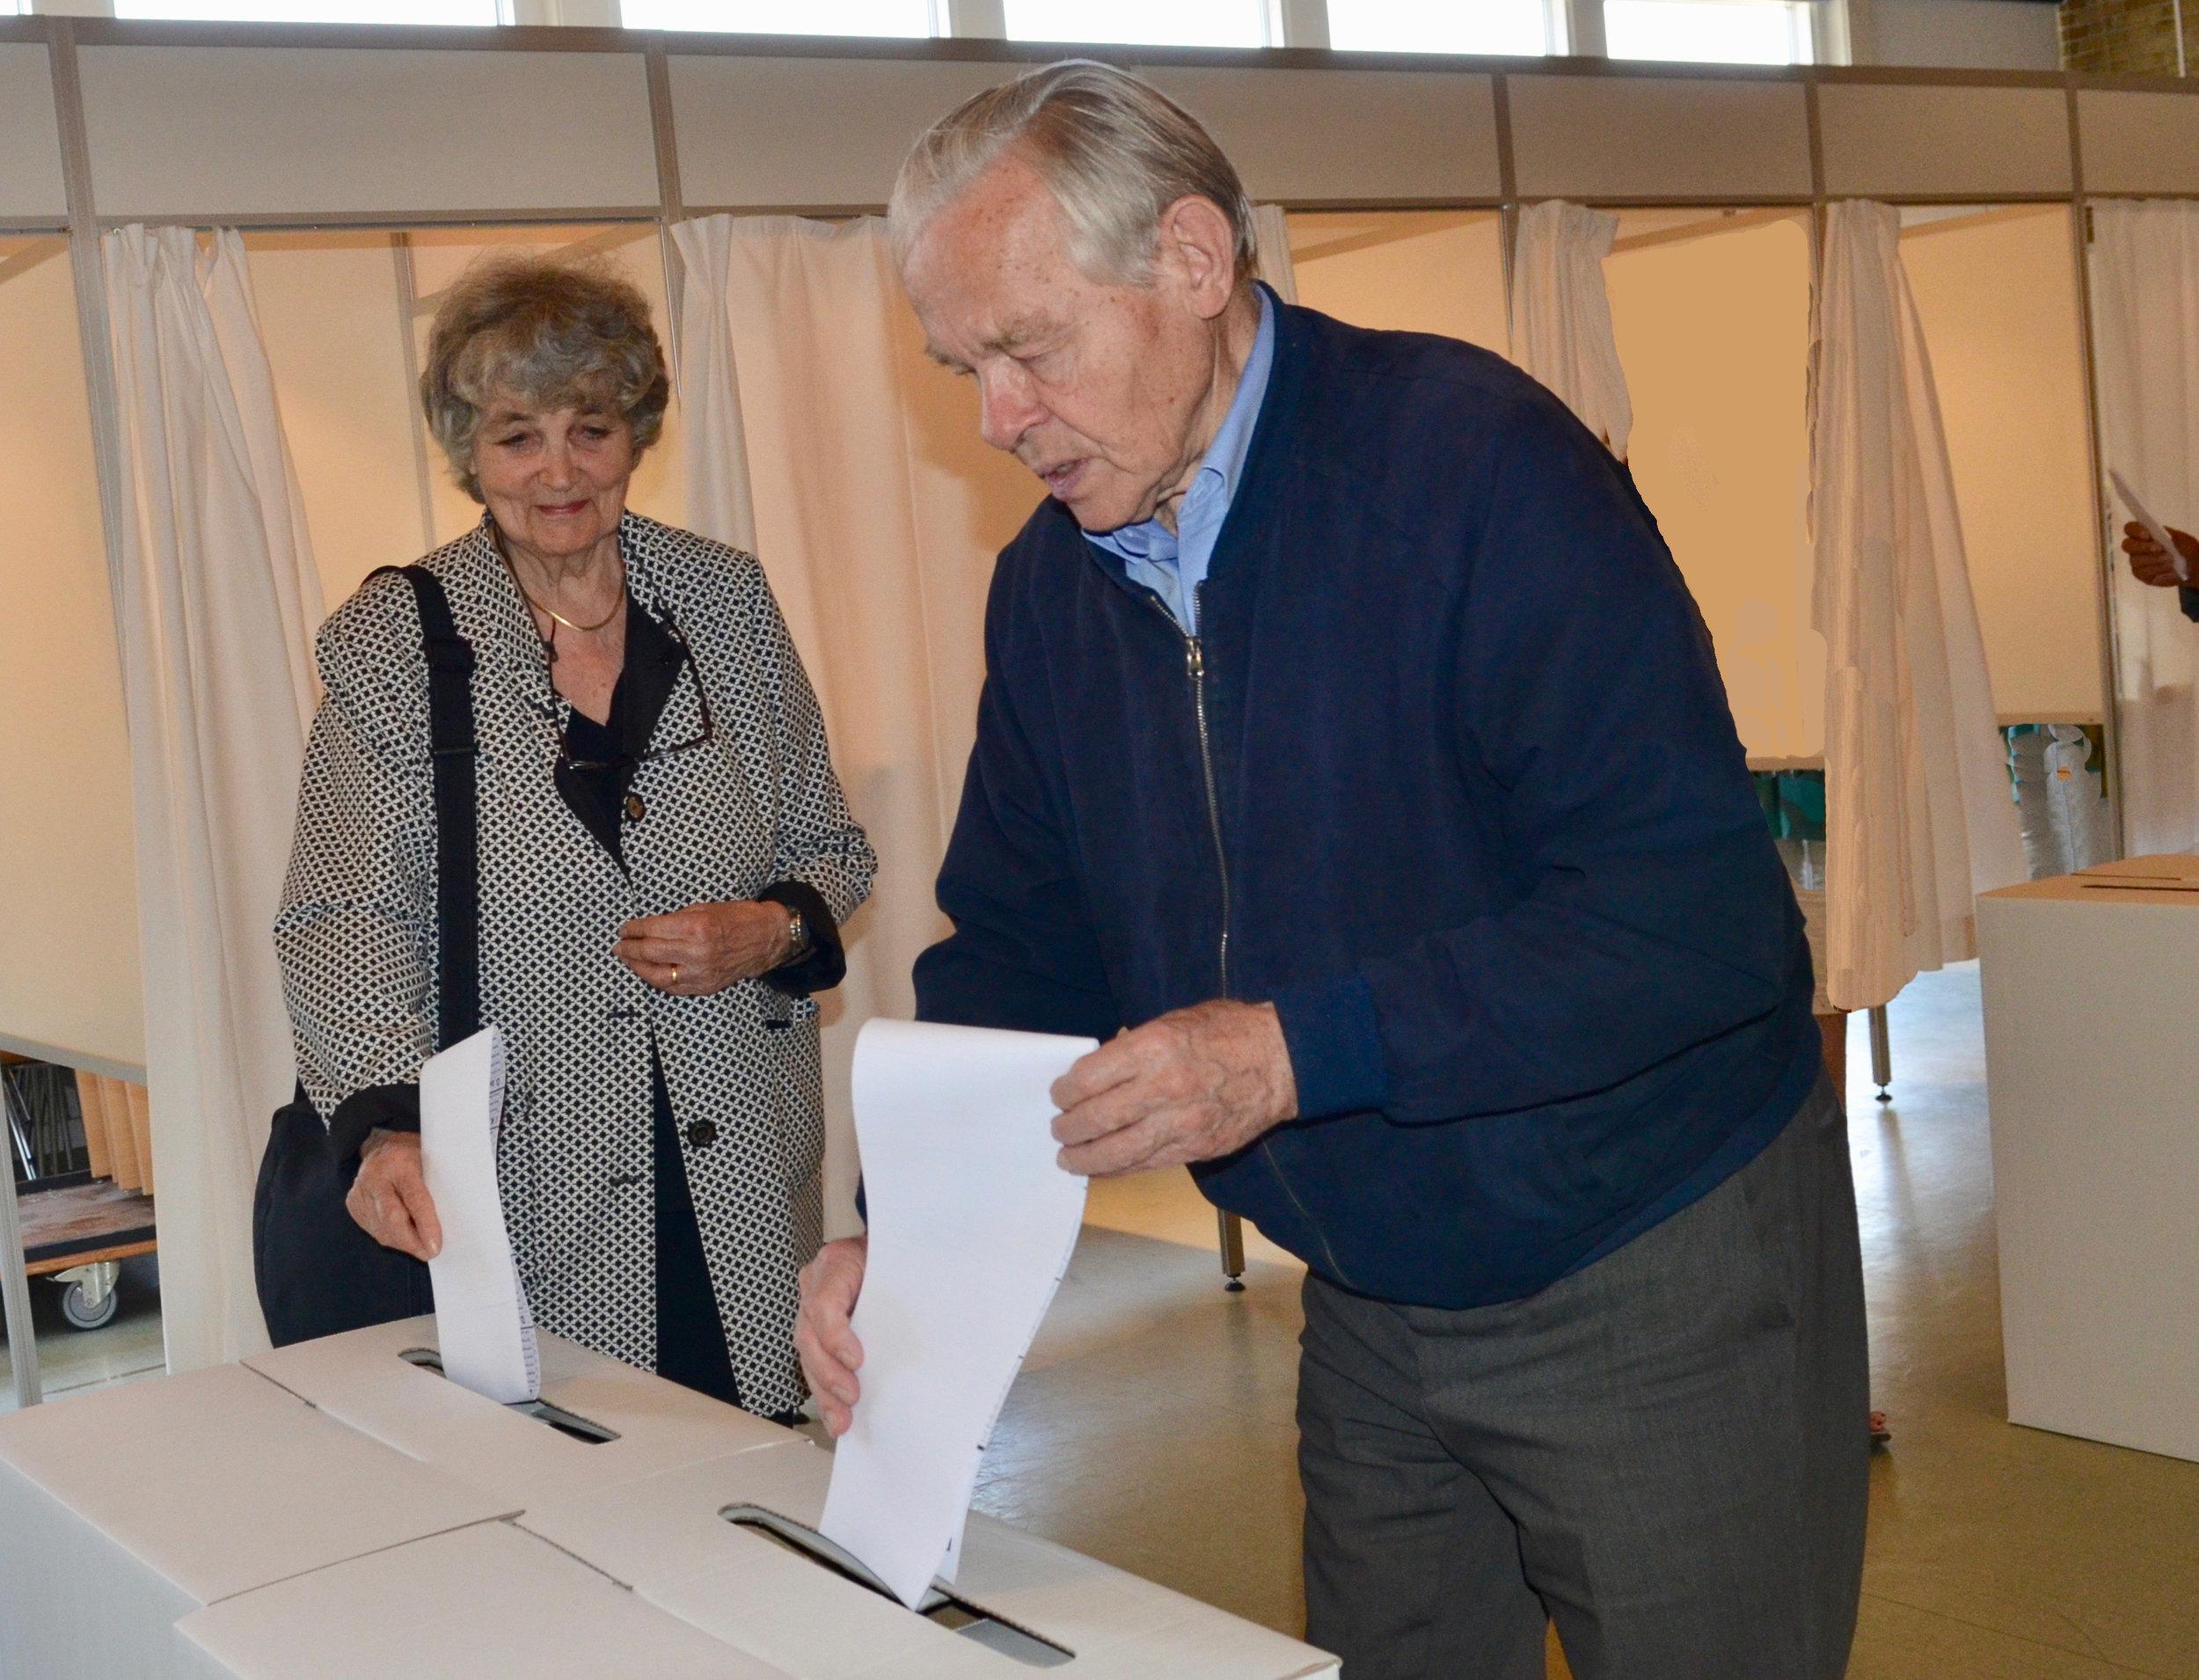 Krydset blev sat det rigtige sted på stemmesedlen og kom sikkert ned i boksen. Foto: AOB